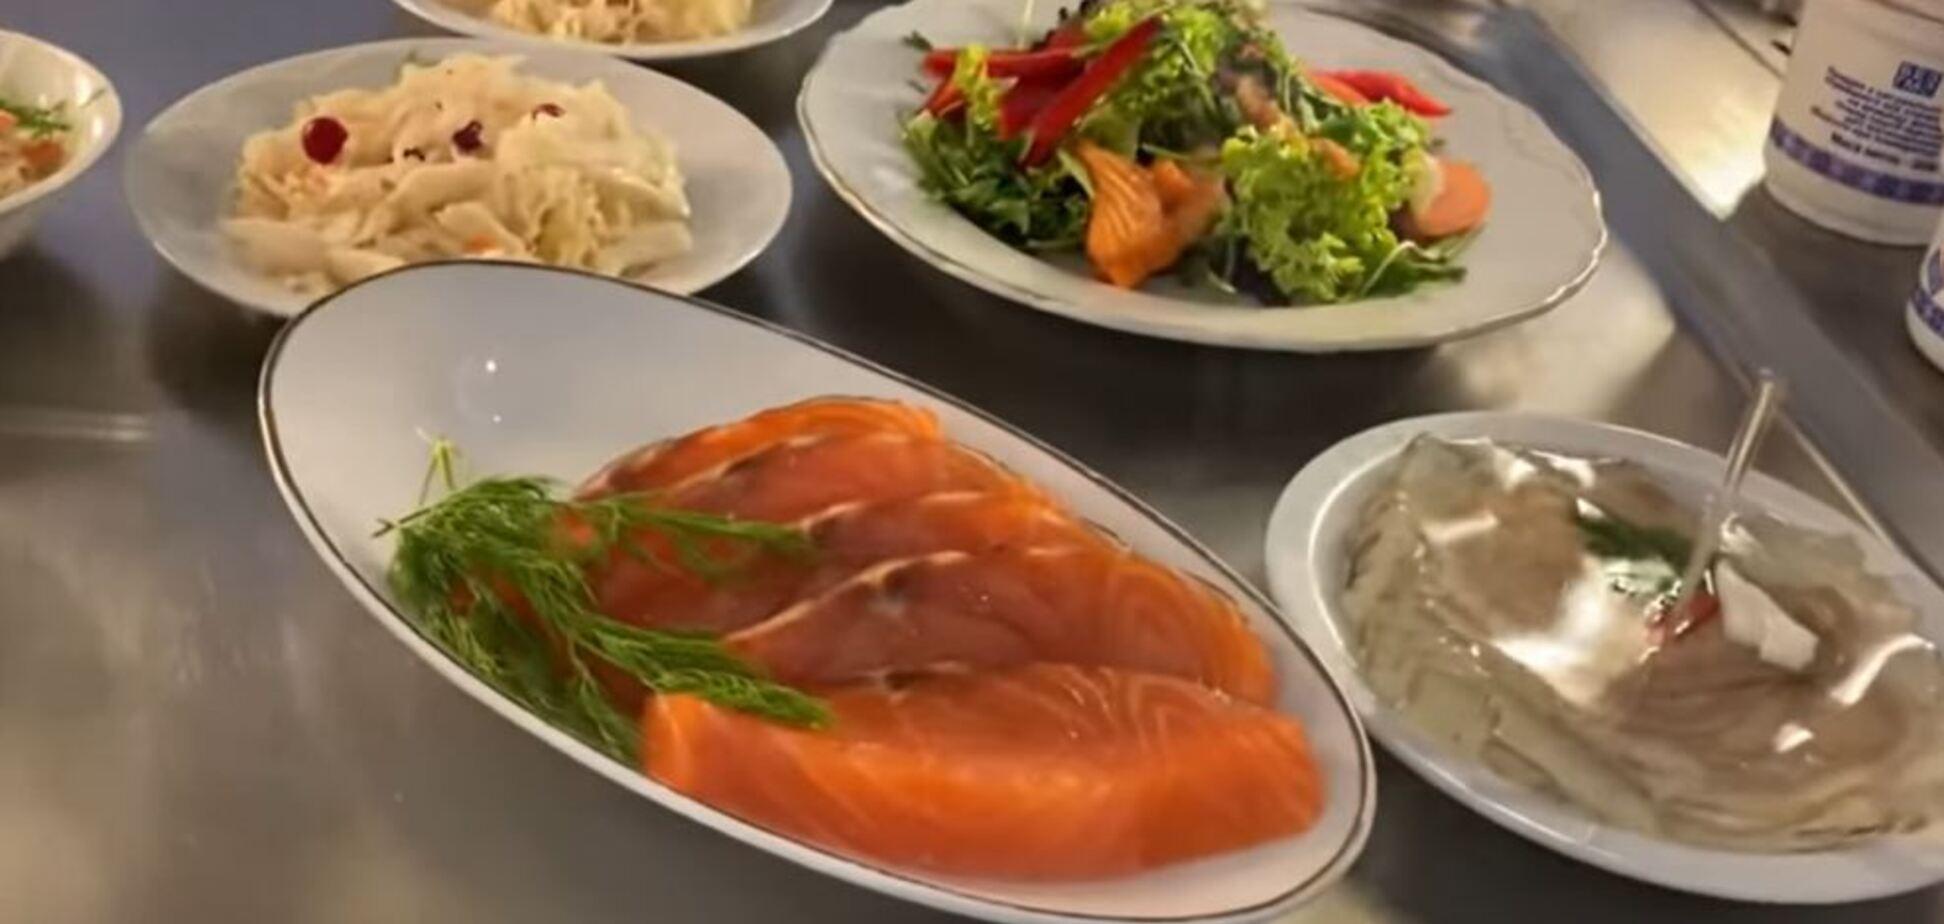 Від голубців до червоної риби: чим годують у їдальні Ради і скільки це коштує